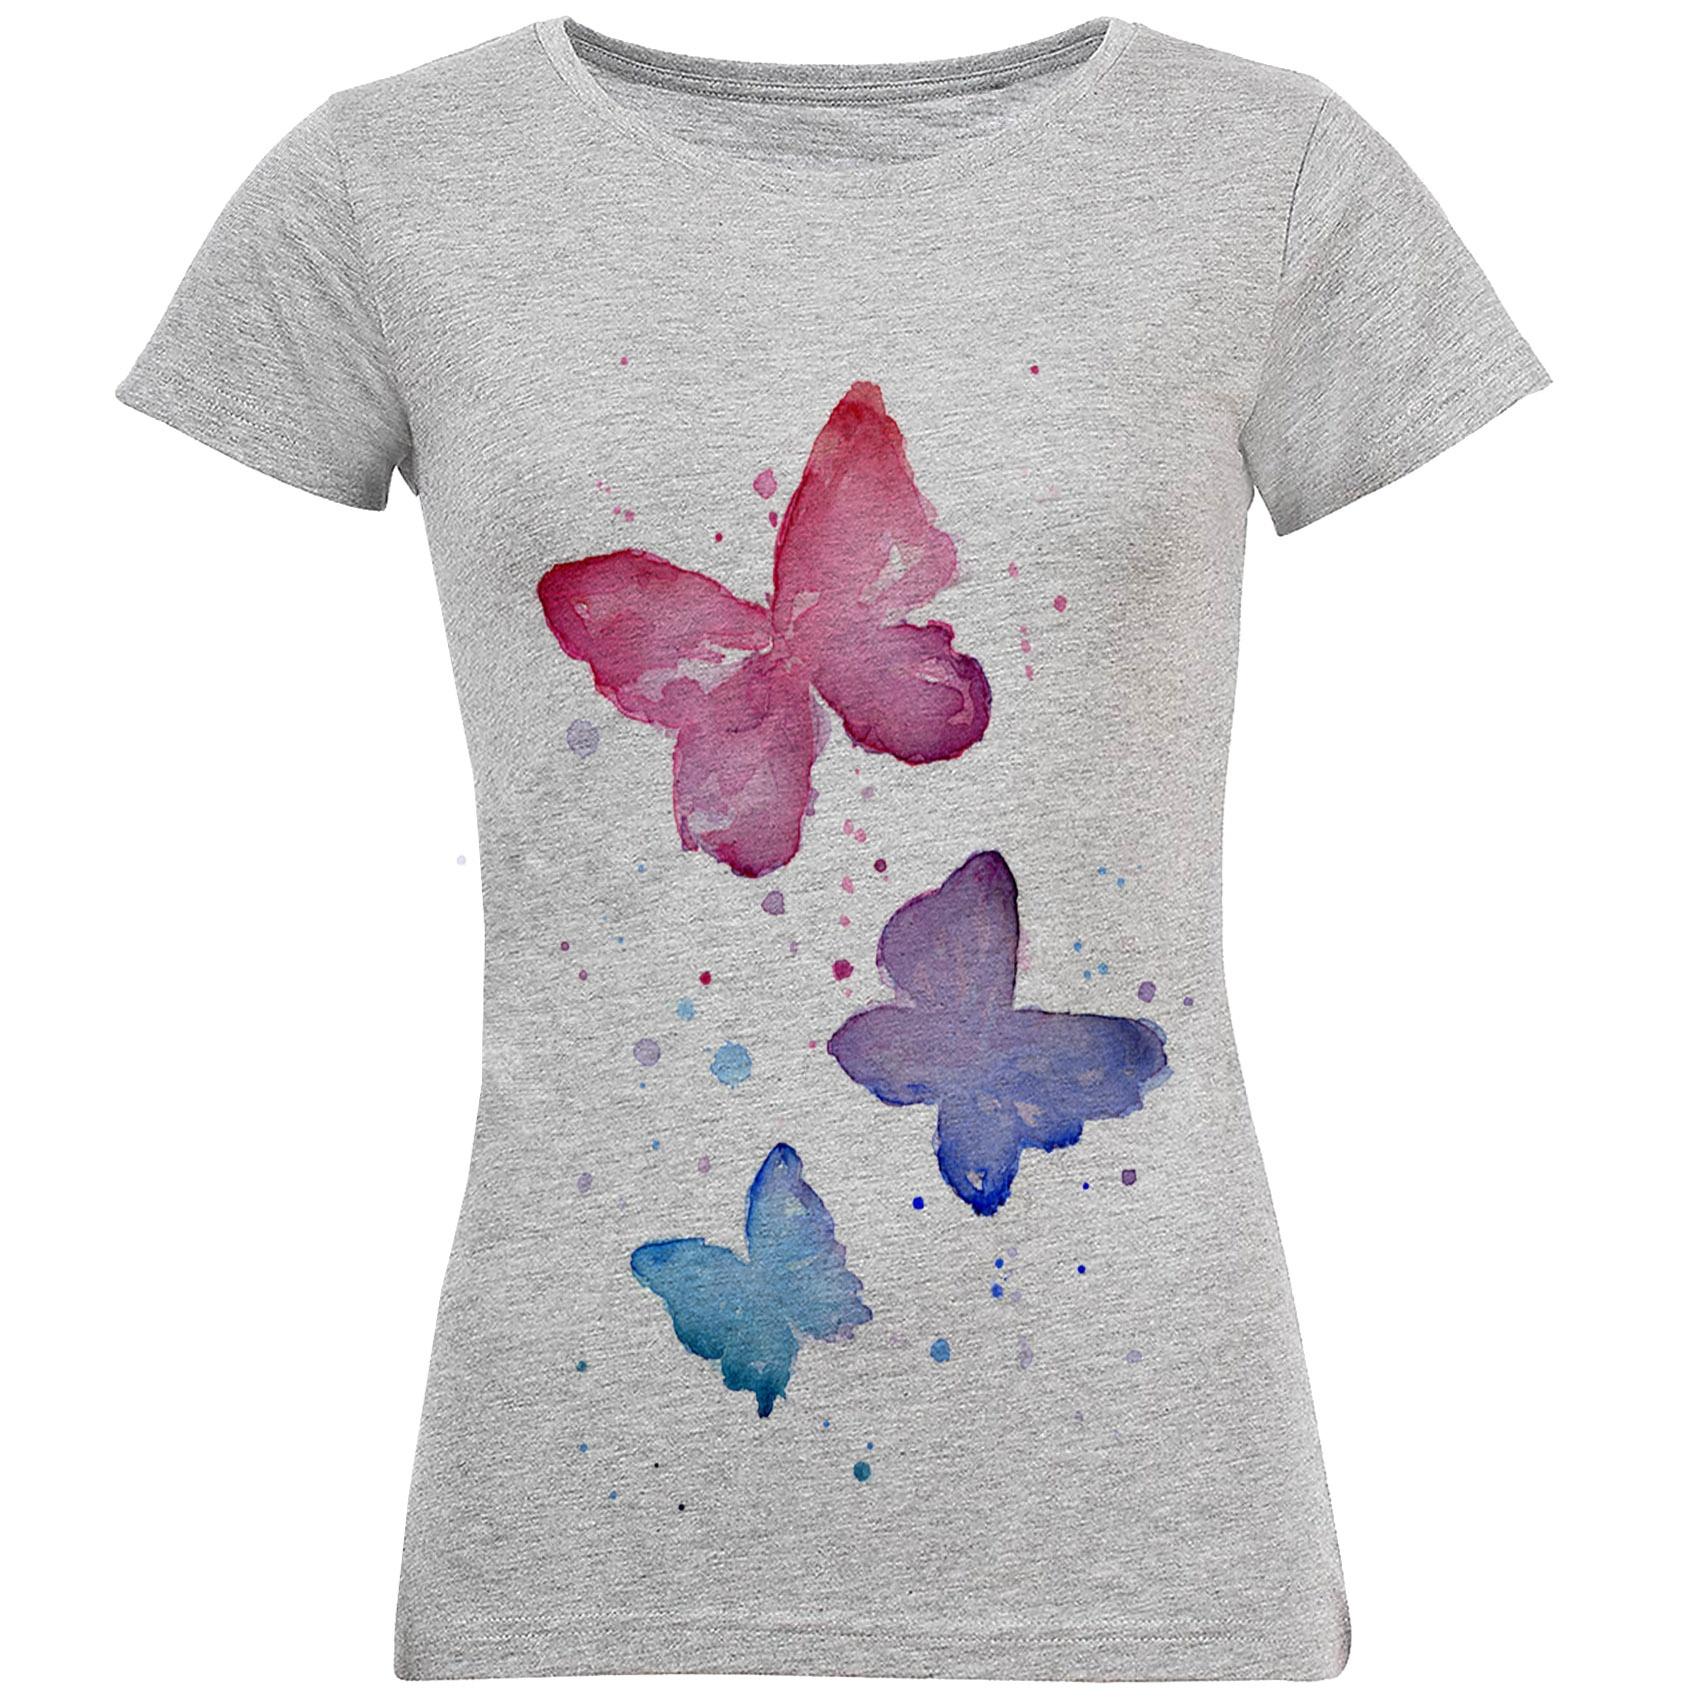 تصویر خرید تی شرت زنانه طرح پروانه آبرنگی کد S178 و راهنمای انتخاب تی شرت